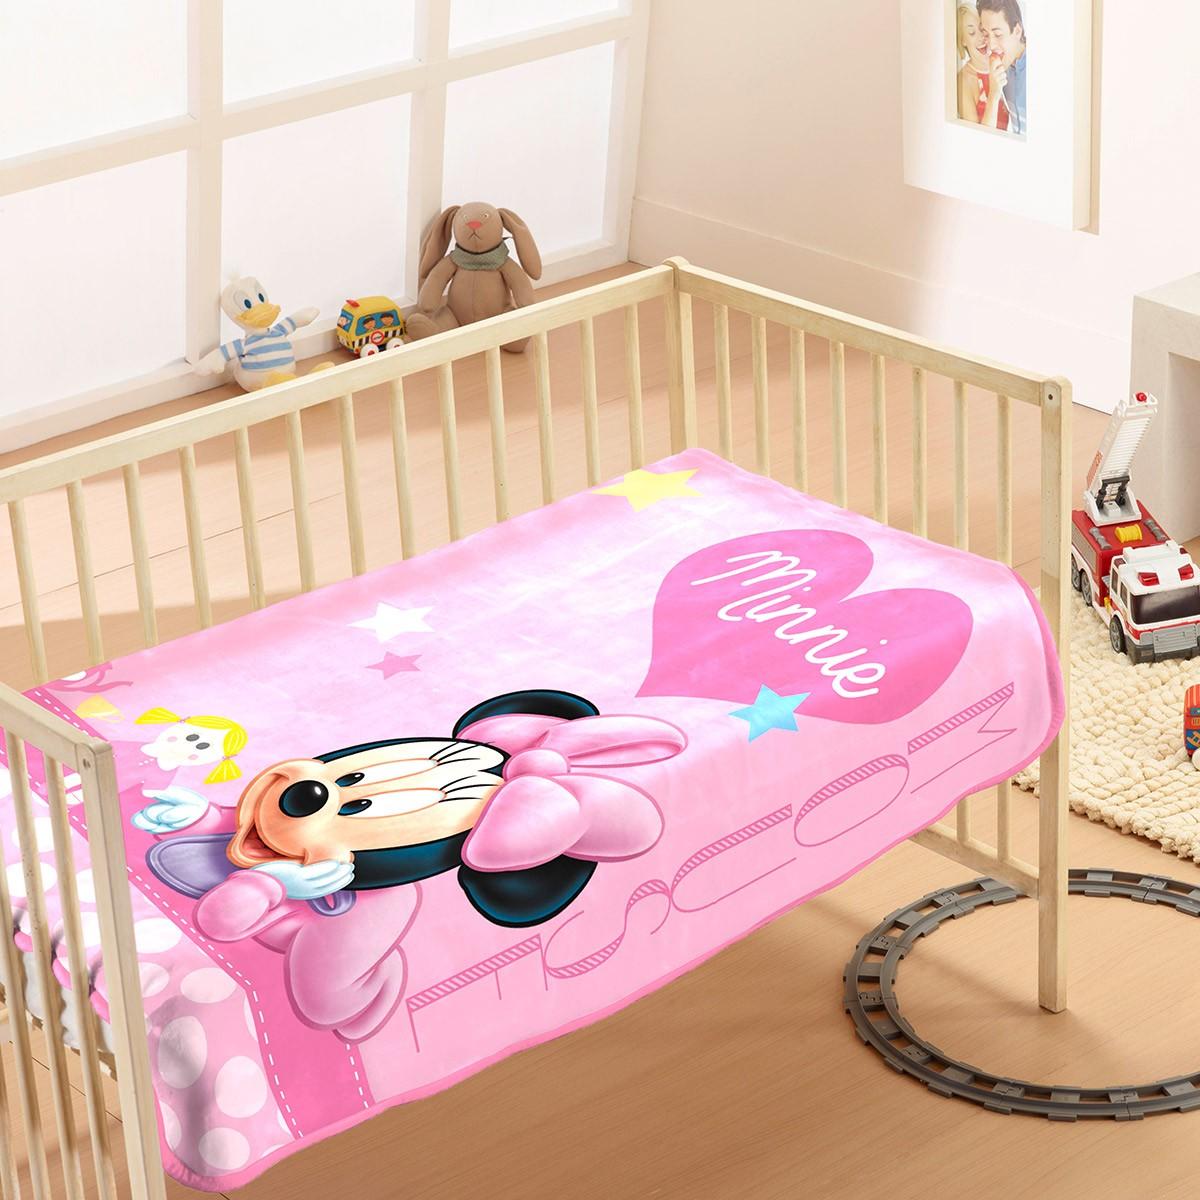 Κουβέρτα Βελουτέ Αγκαλιάς Dim Collection Minnie 9